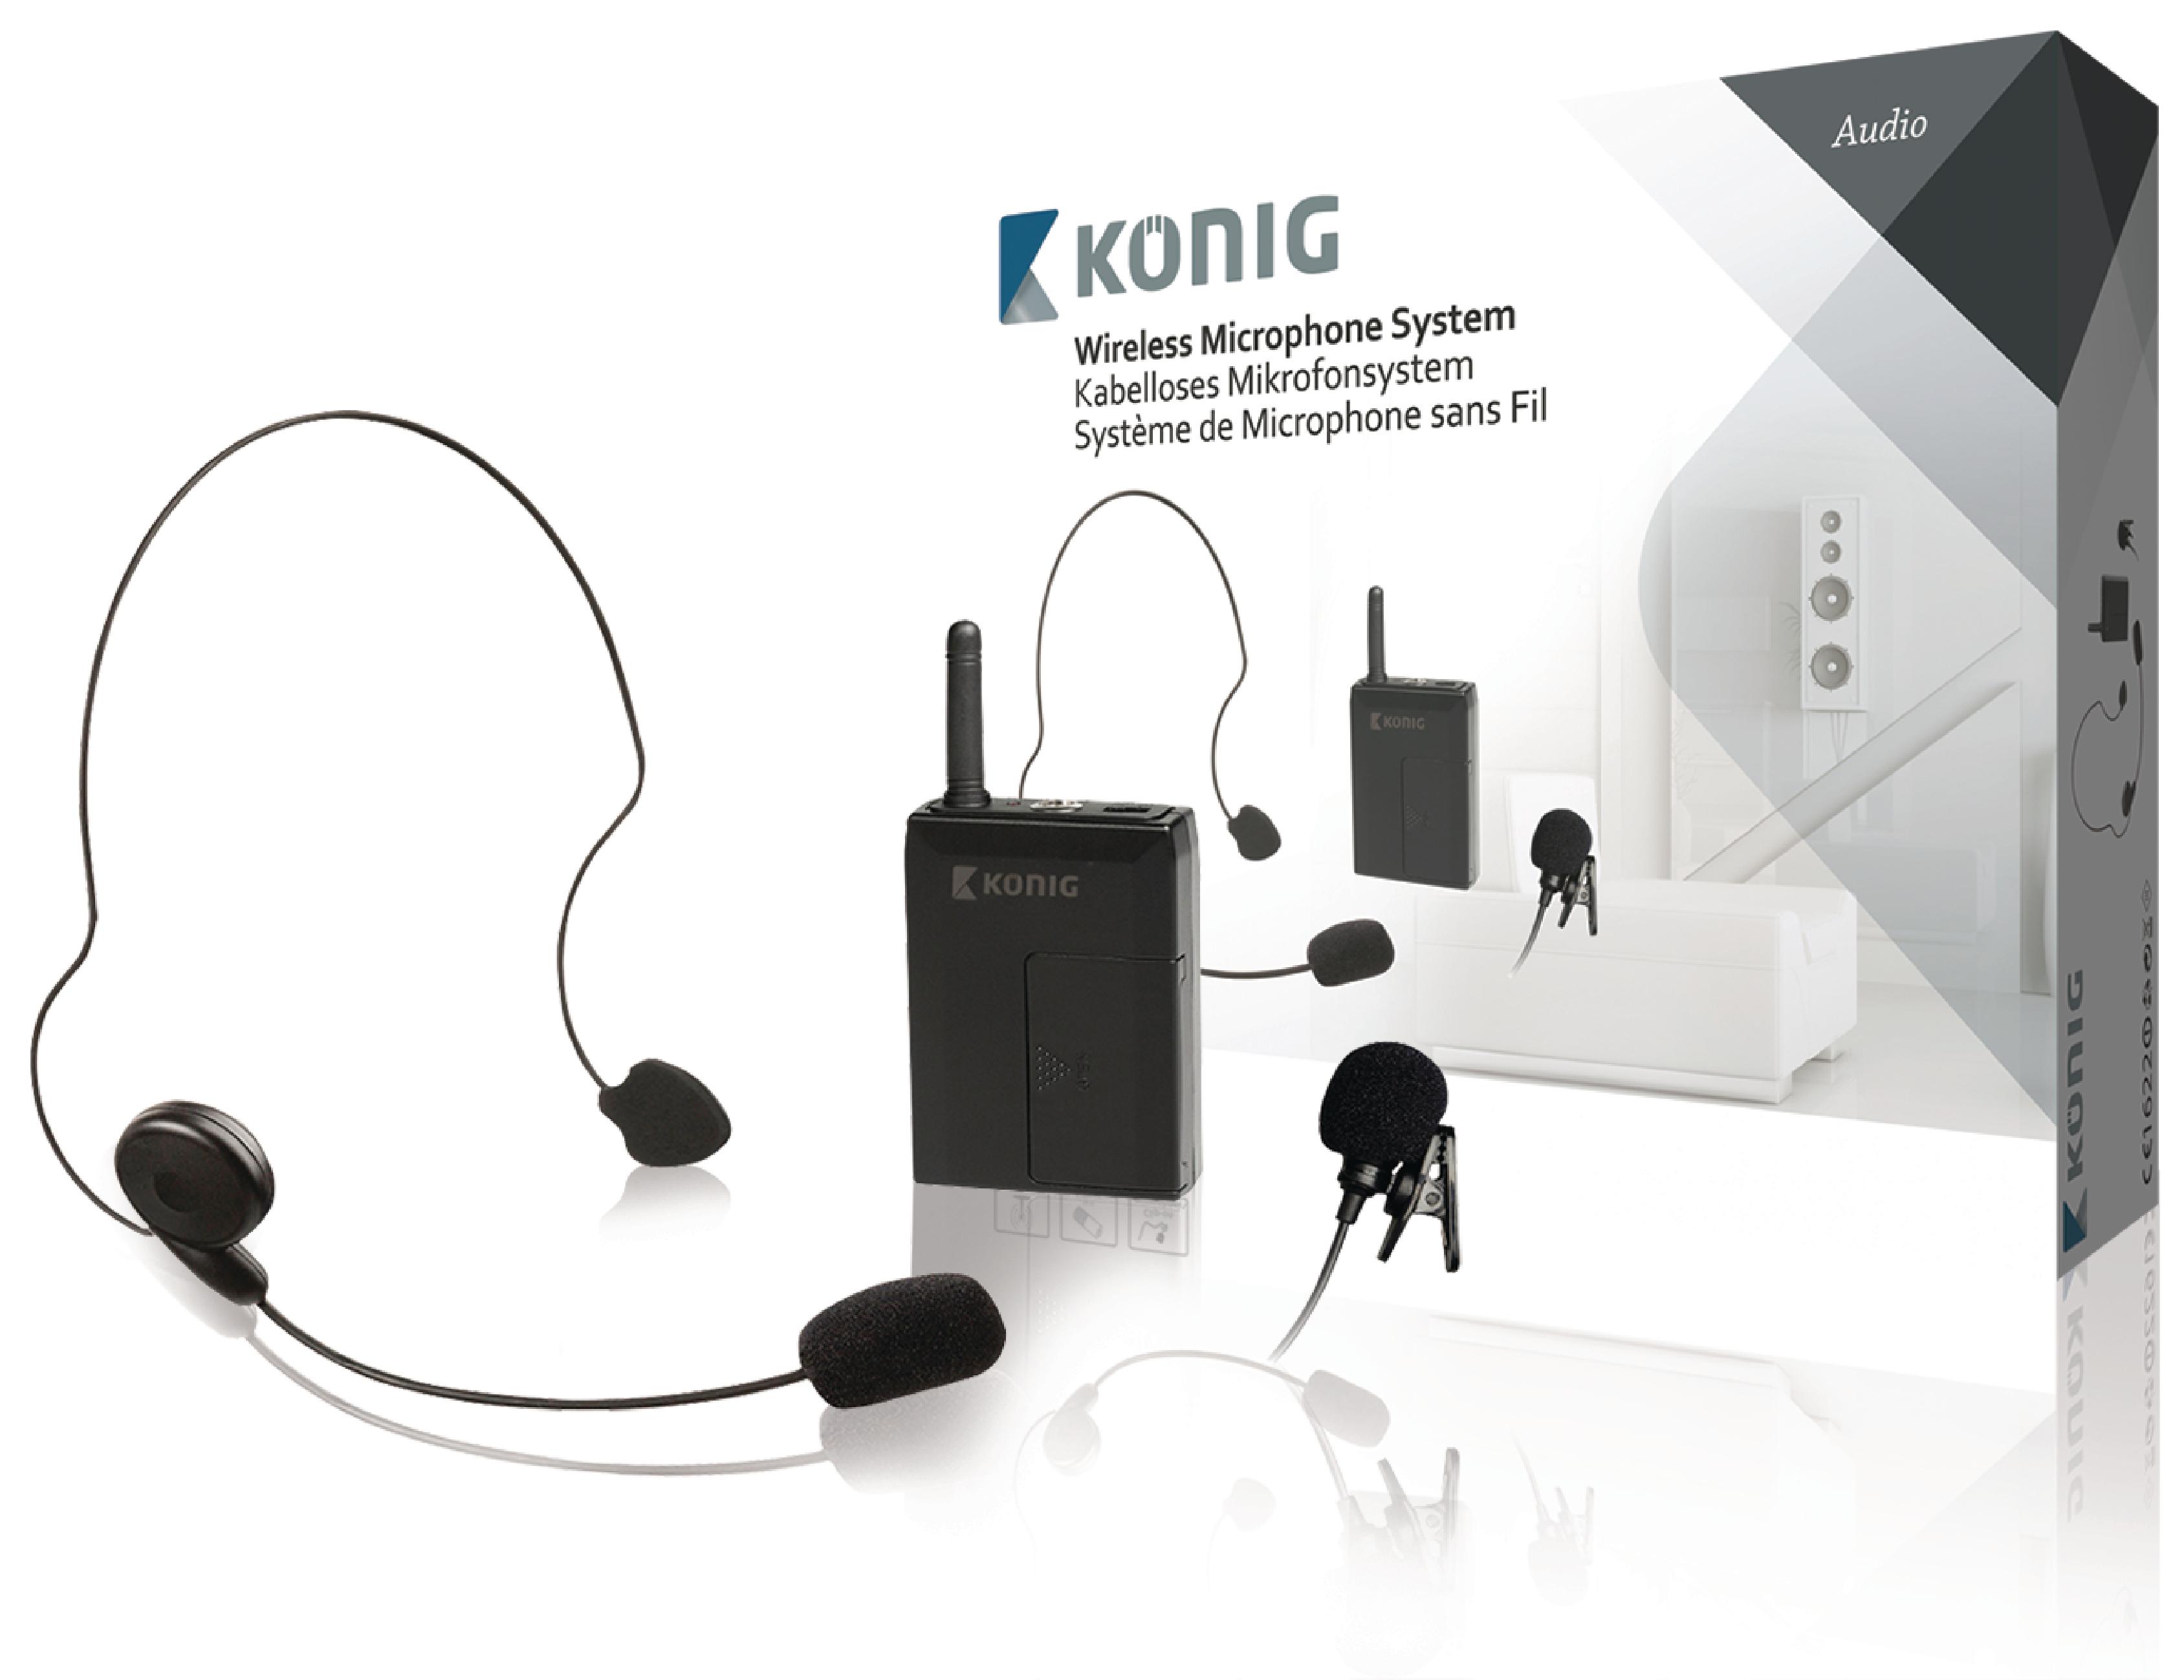 Bezdrátový mikrofon bodypack pro KN-MICW611 a KN-MICW621